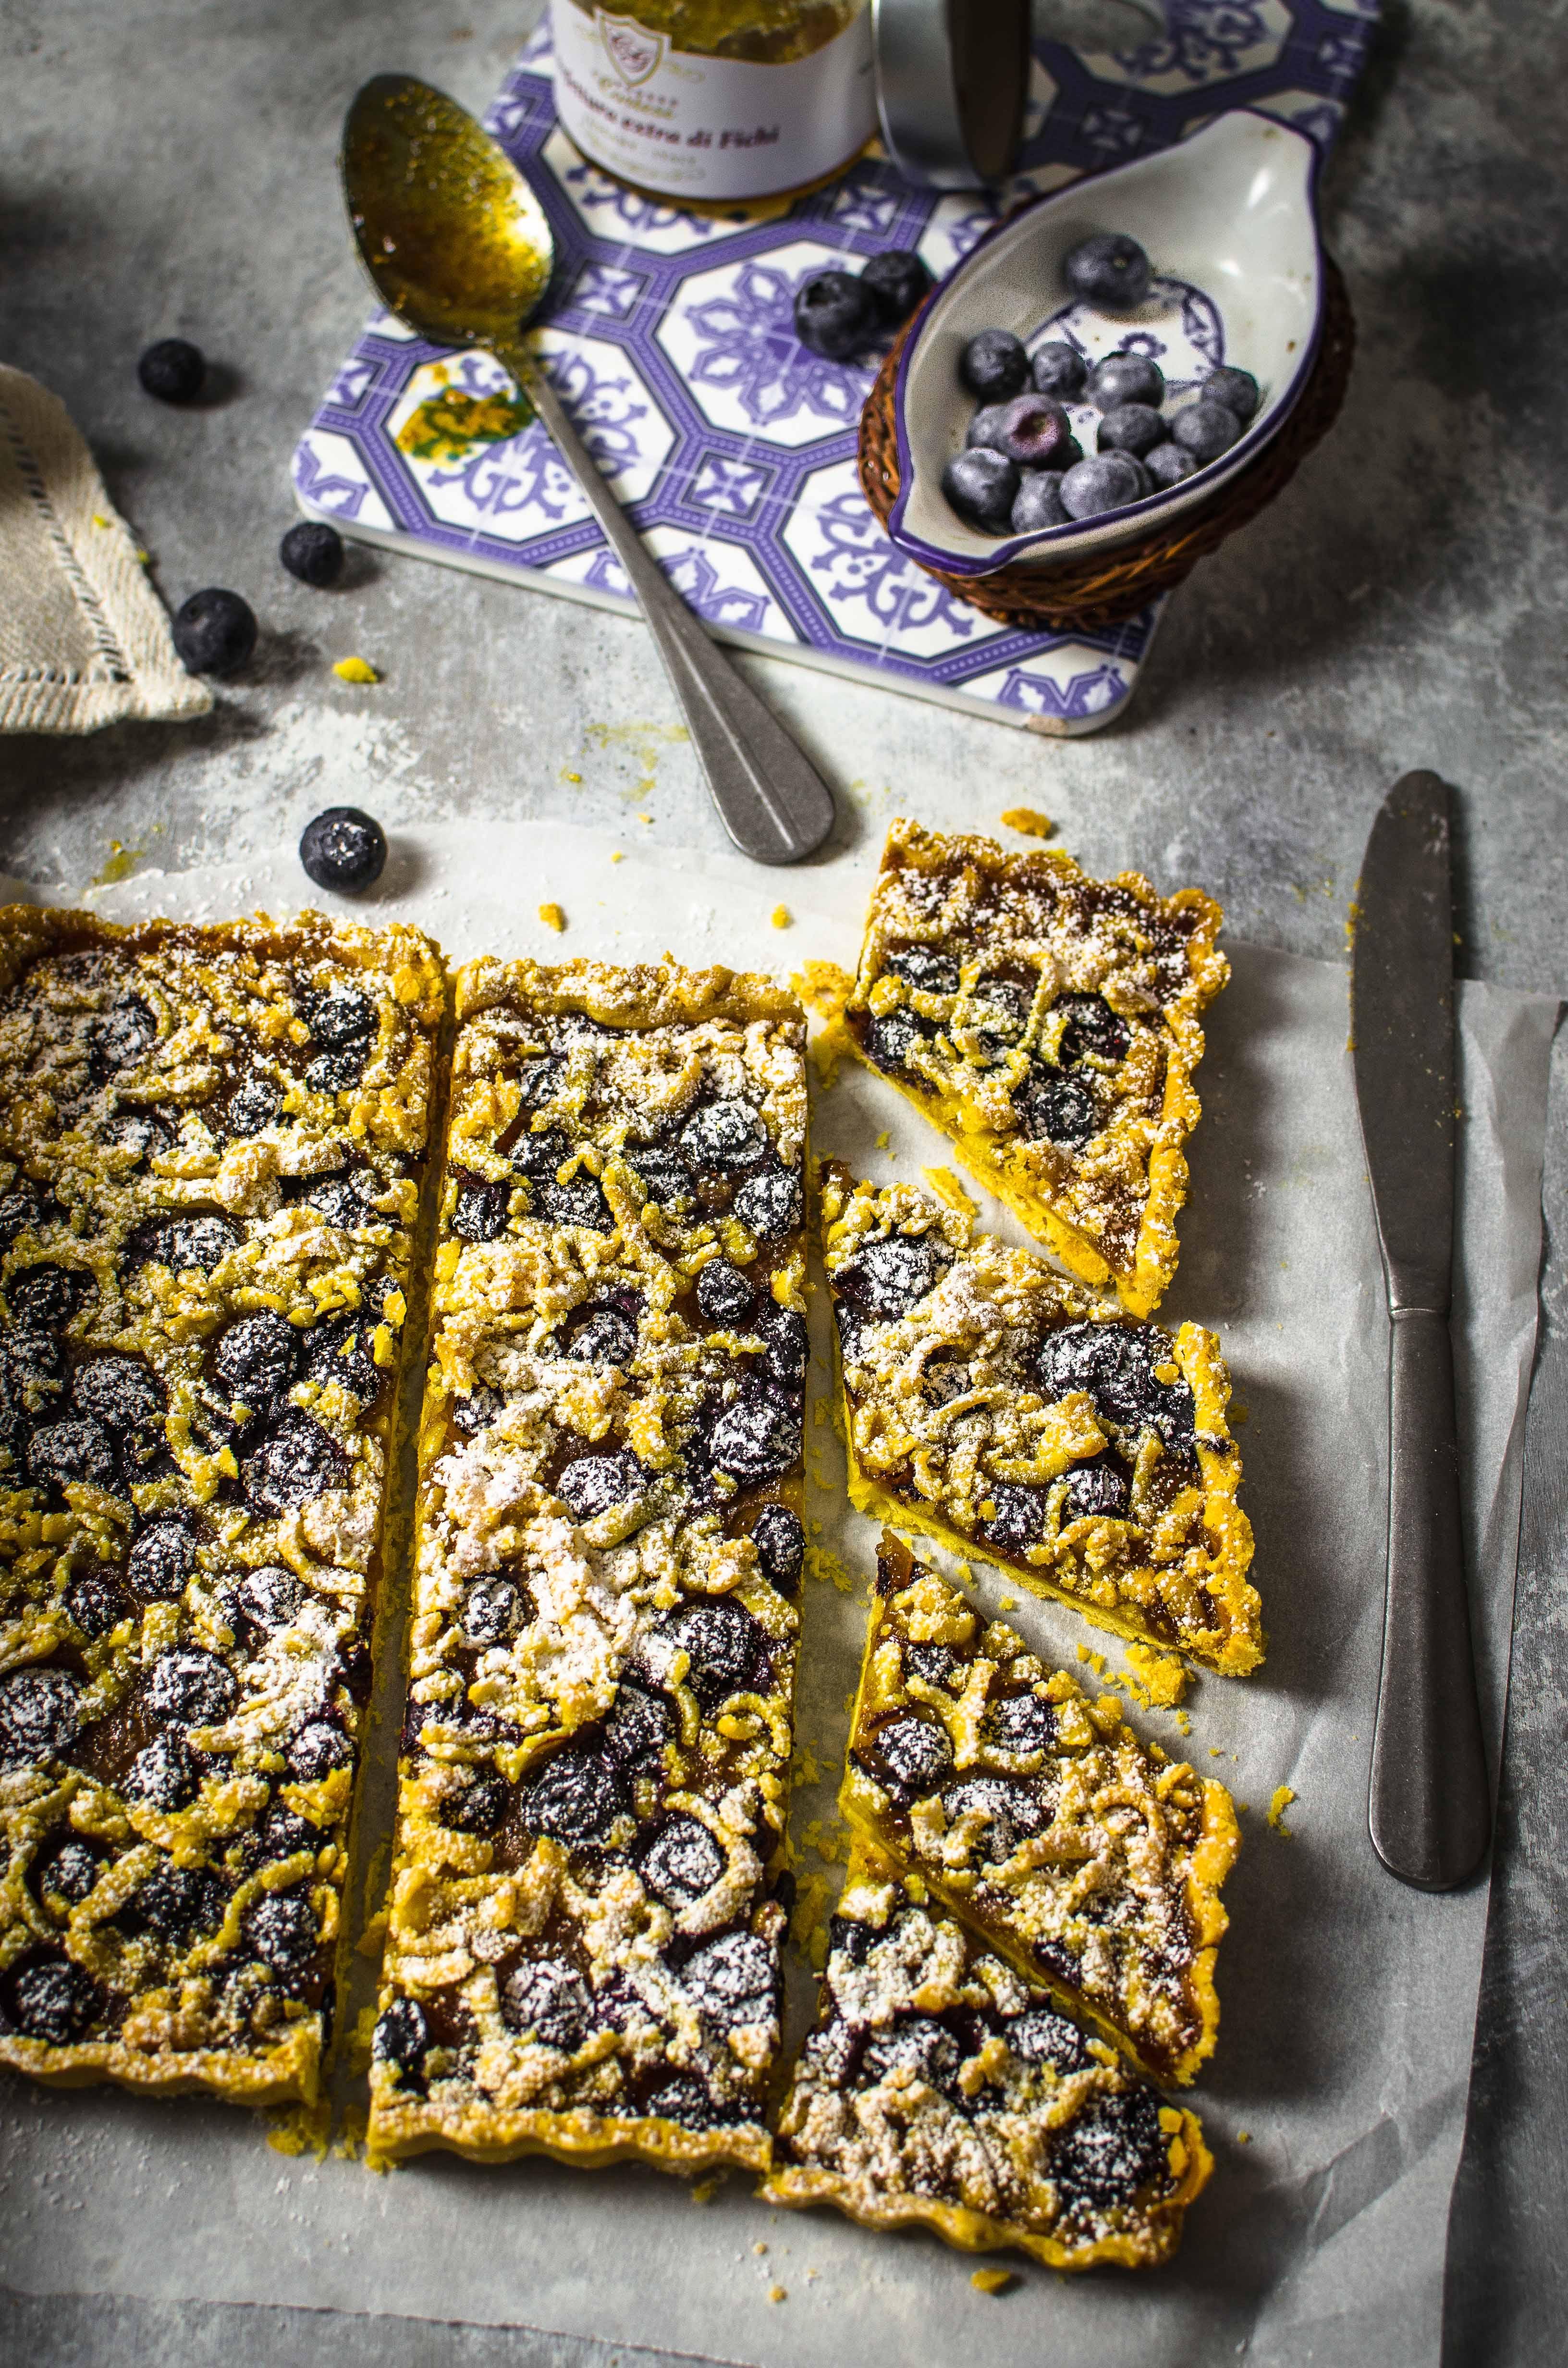 corstata-confettura-home-made Crostata con farina di mais, confettura di fichi e mirtilli freschi